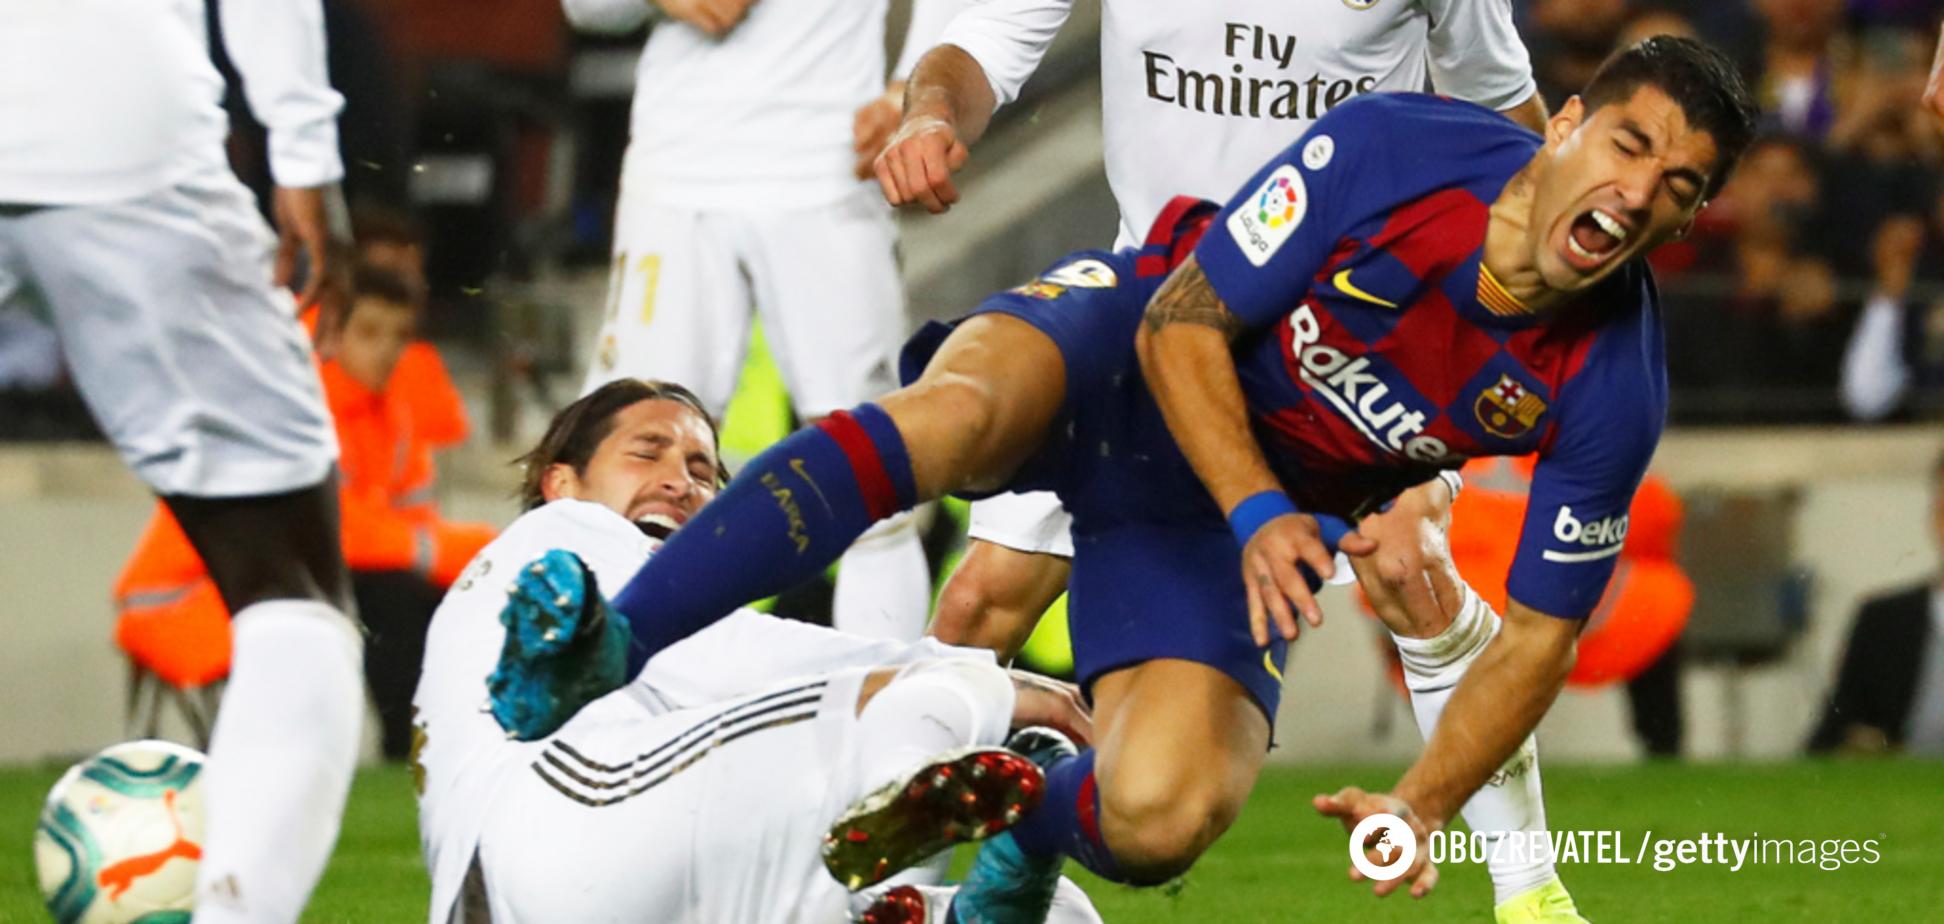 Незвичайний рахунок для дербі! Барселона – Реал: всі подробиці та результат Ель-Класико